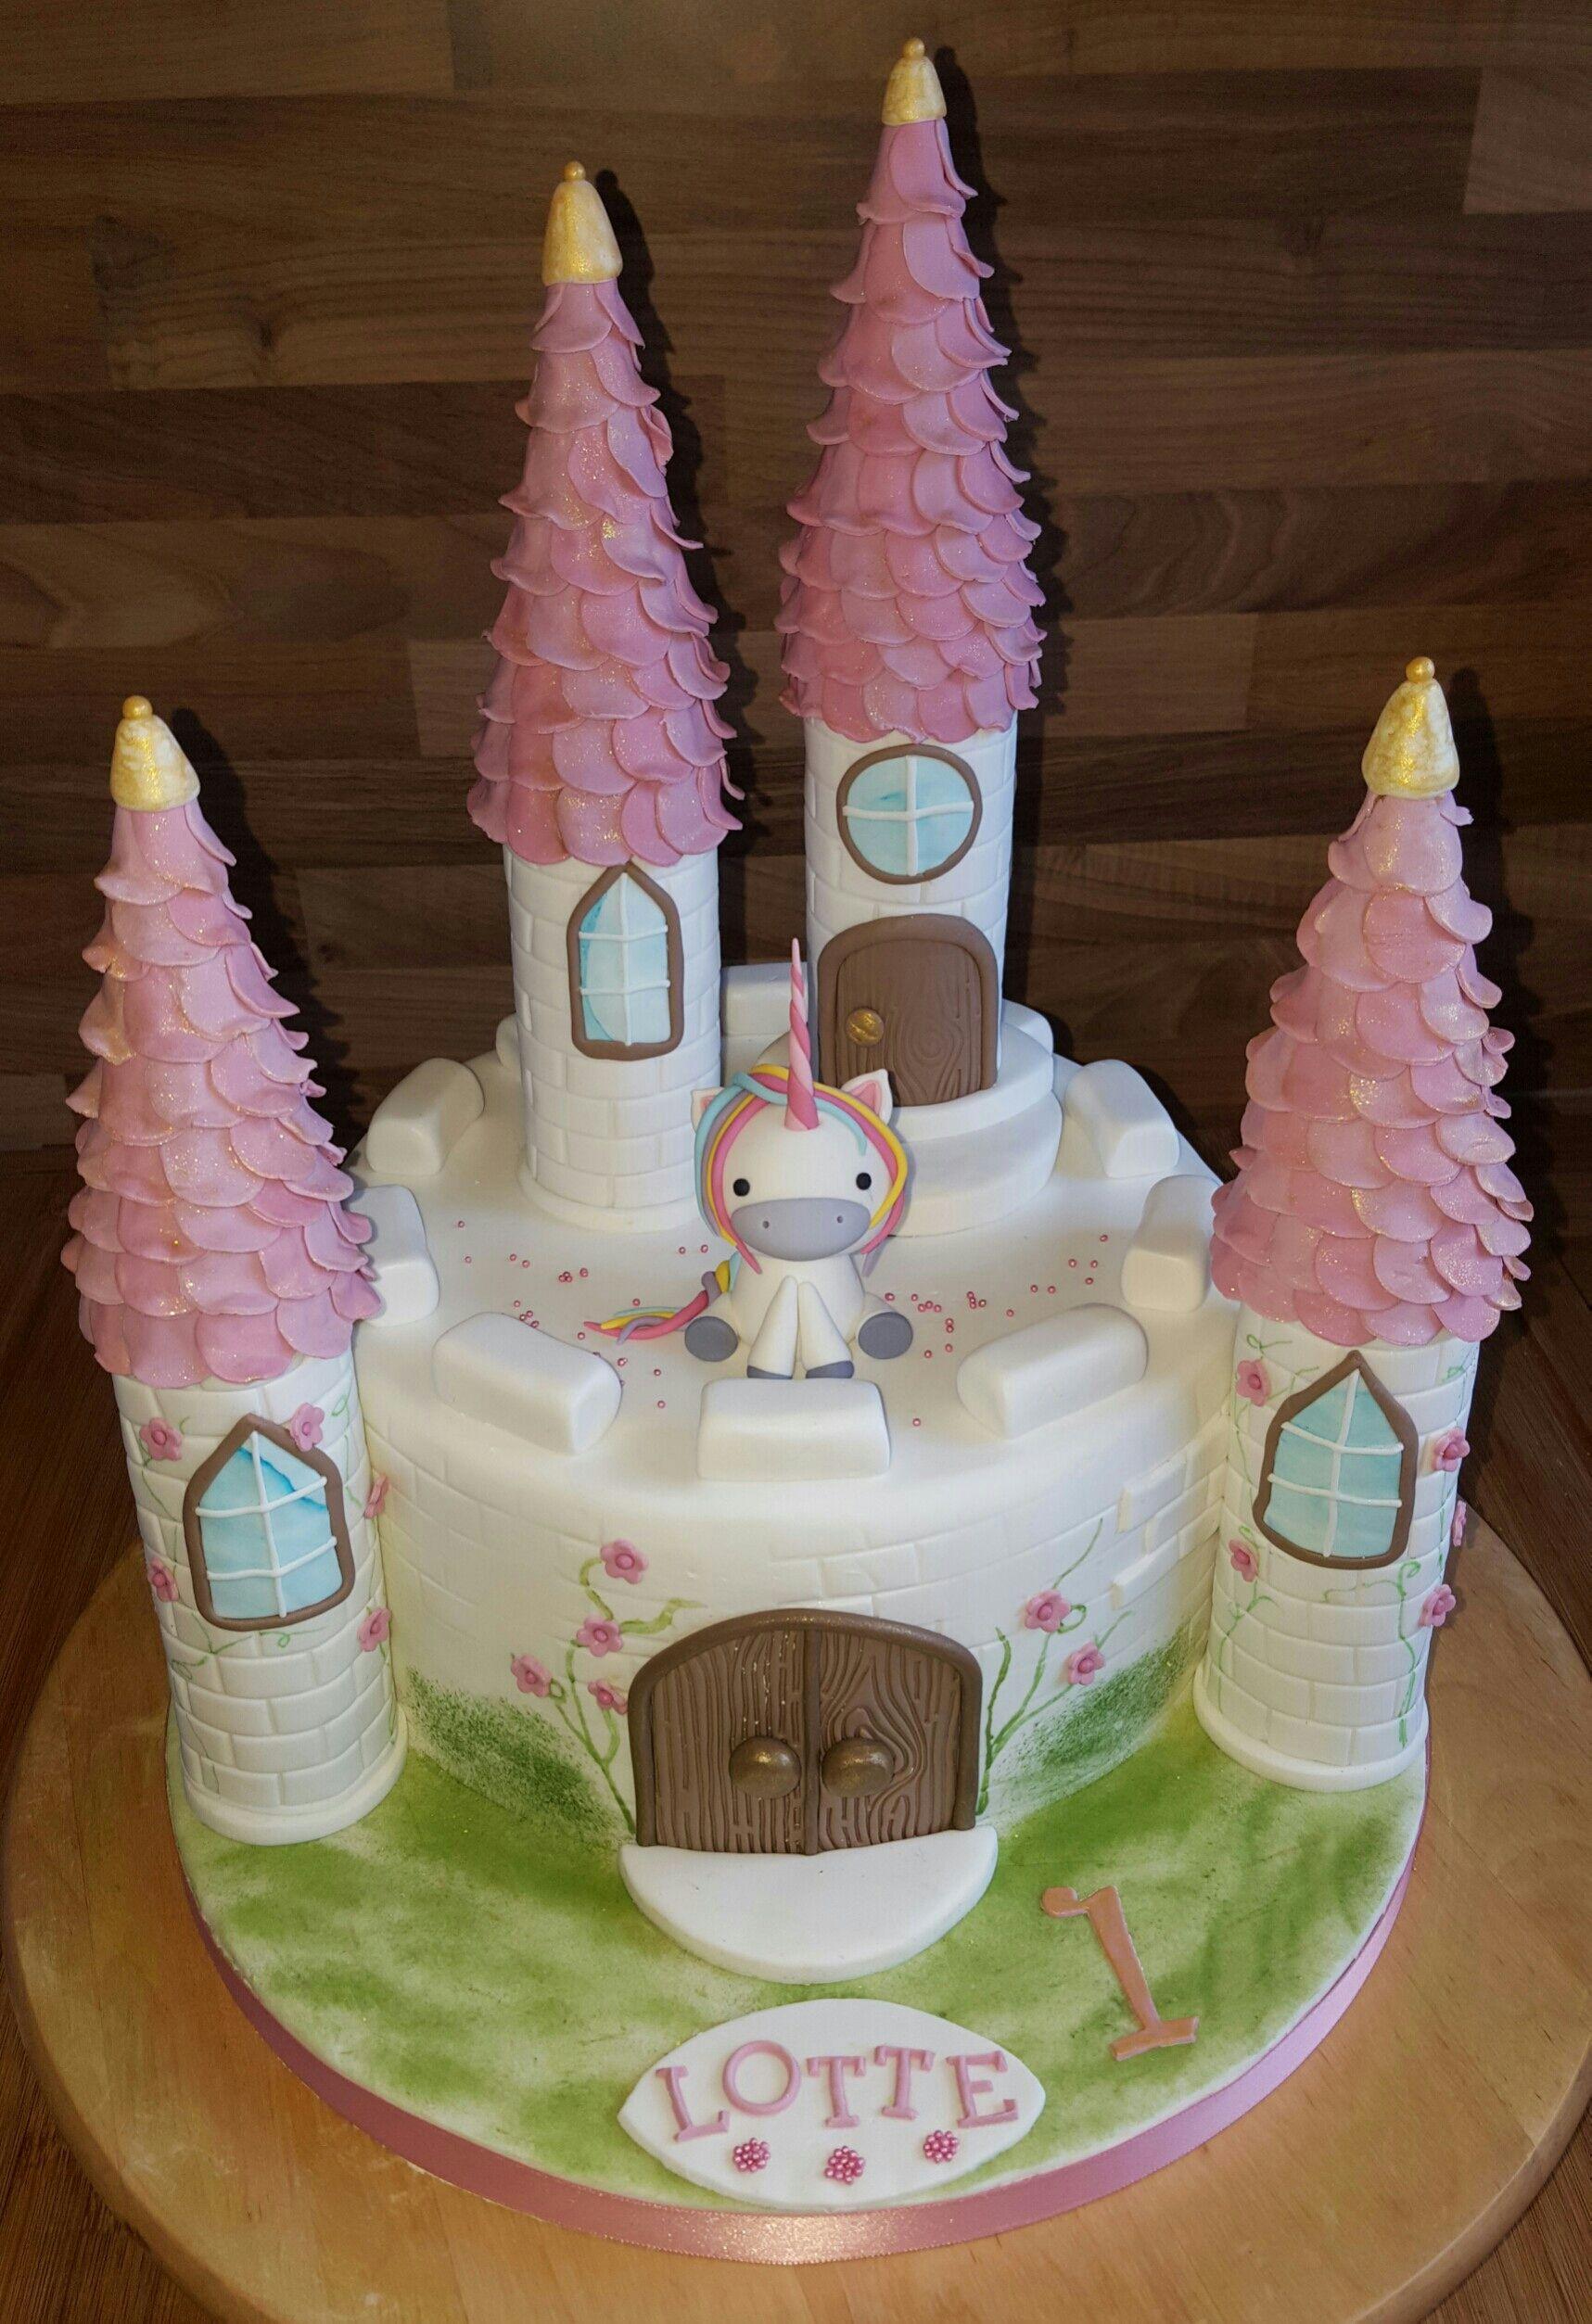 Geburtstag Kinder Torte Kleines Schlosschen Schloss Burg Turmchen